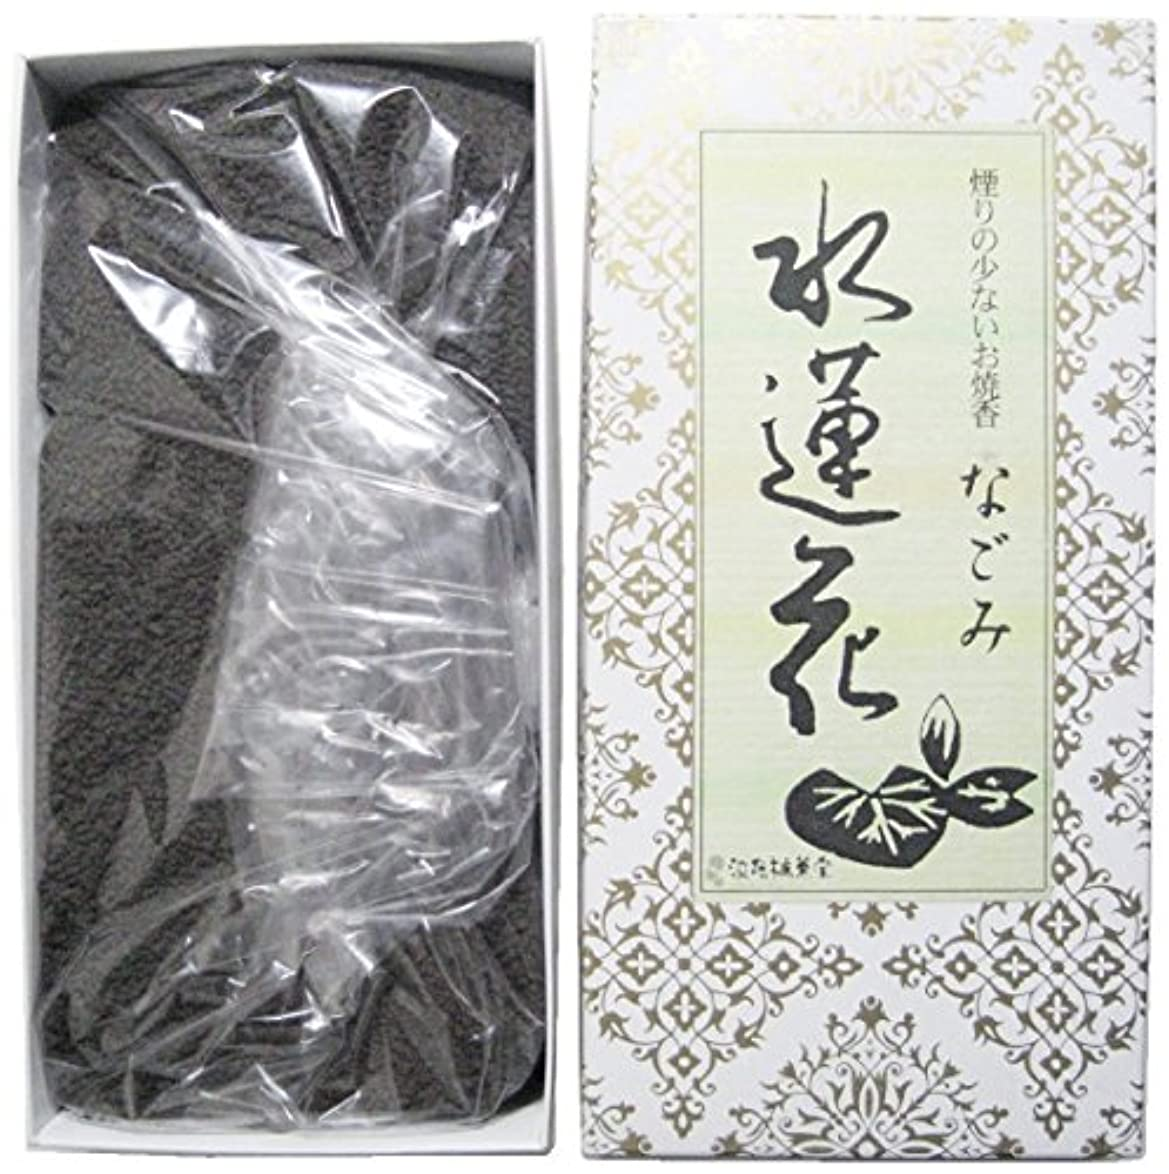 買う排泄物矢淡路梅薫堂の煙の少ないお焼香 なごみ 水蓮花 500g #931 お焼香用 けむりの少ないお香